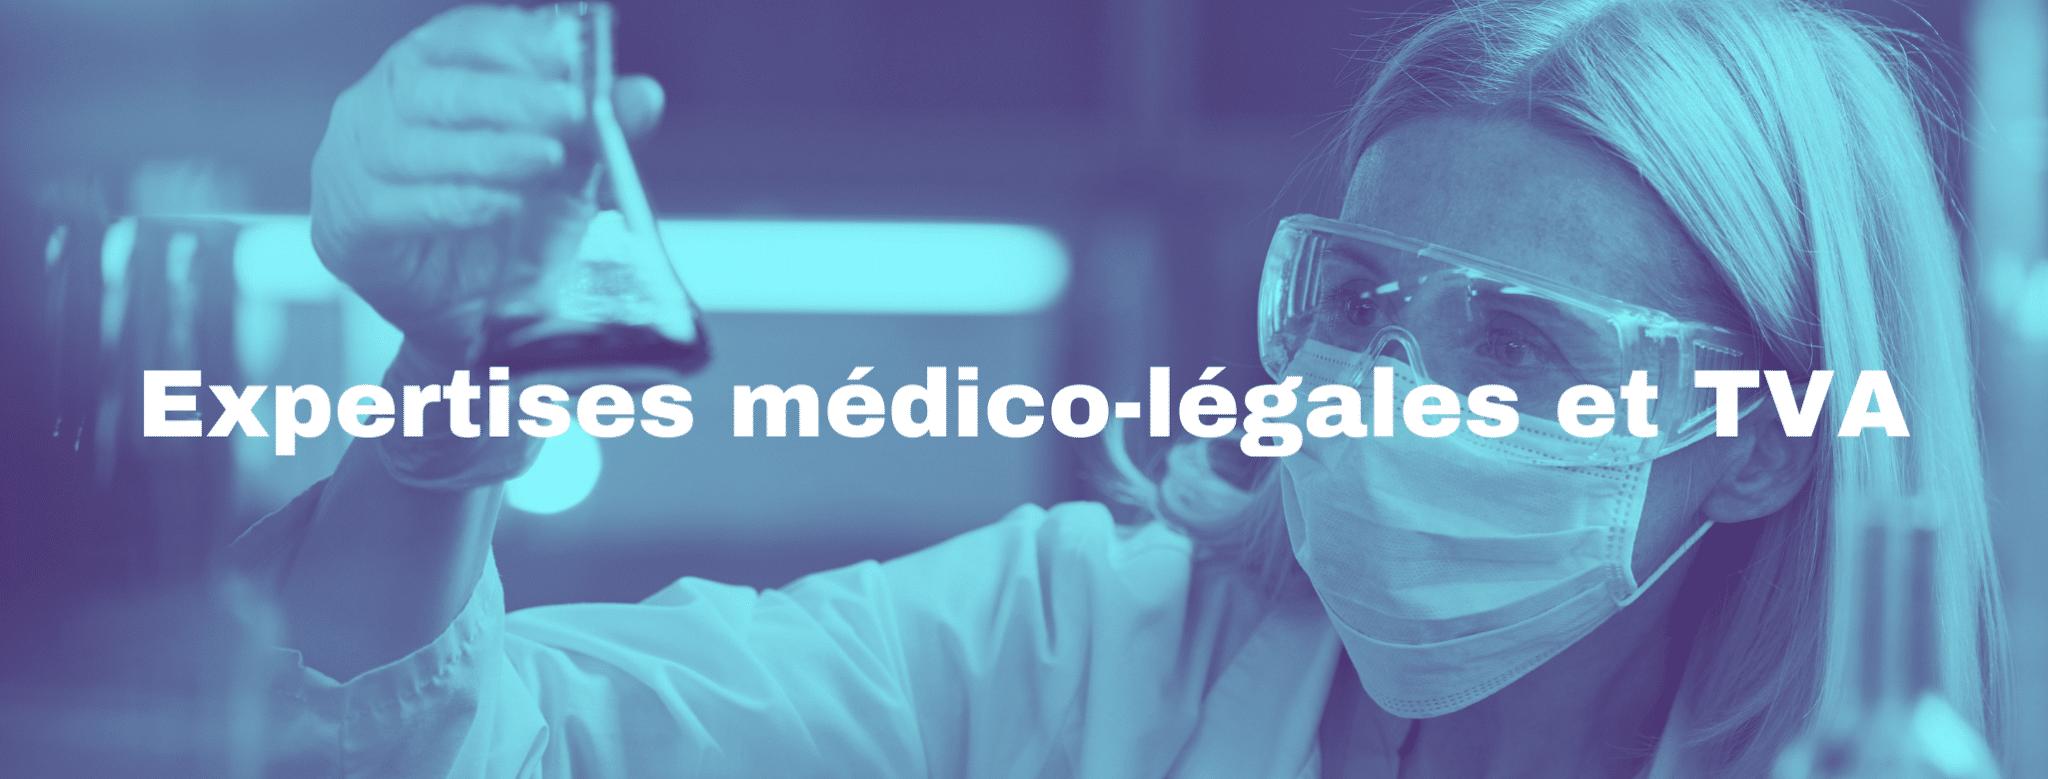 Expertises médico-légales et TVA